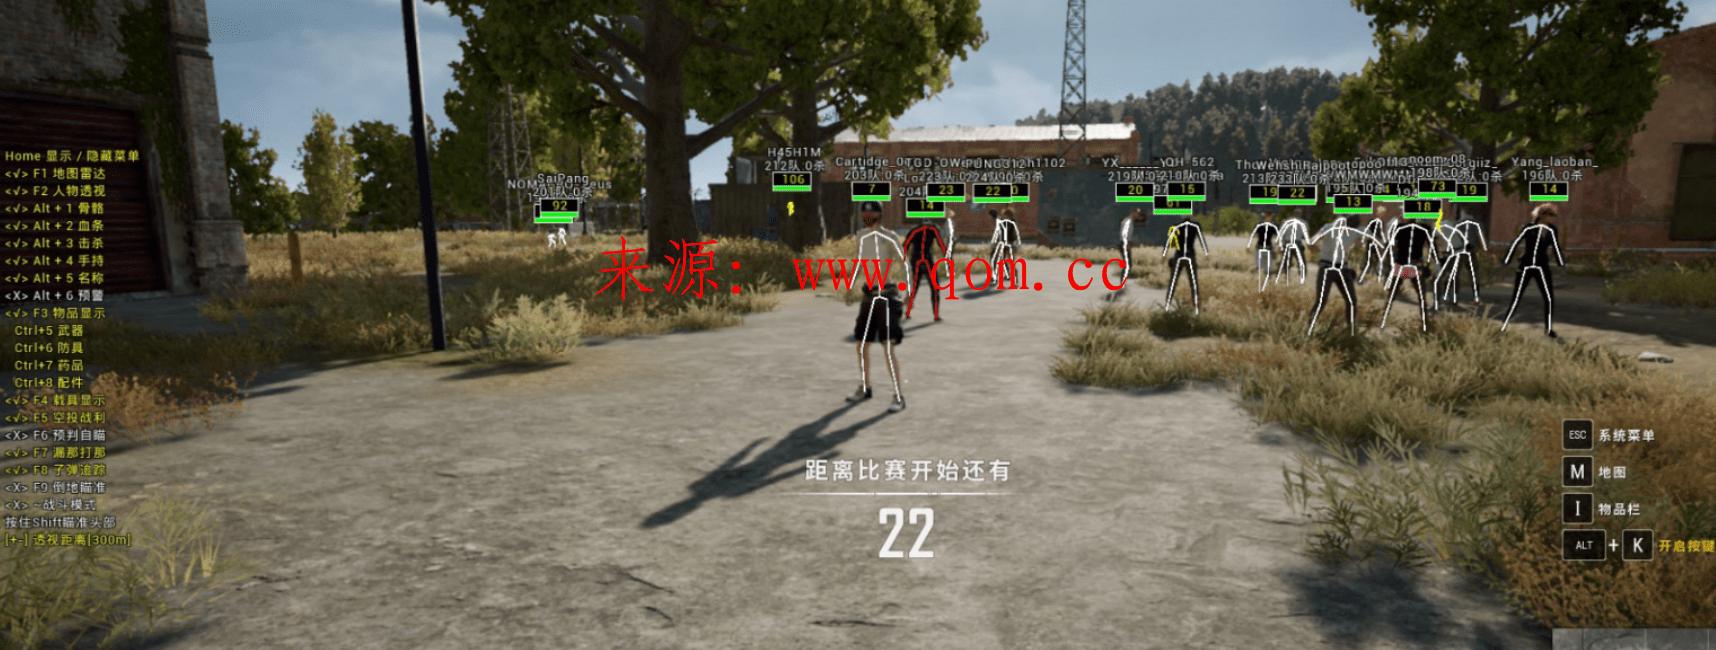 绝地求生_西风透视自瞄追踪多功能破解版V12.23